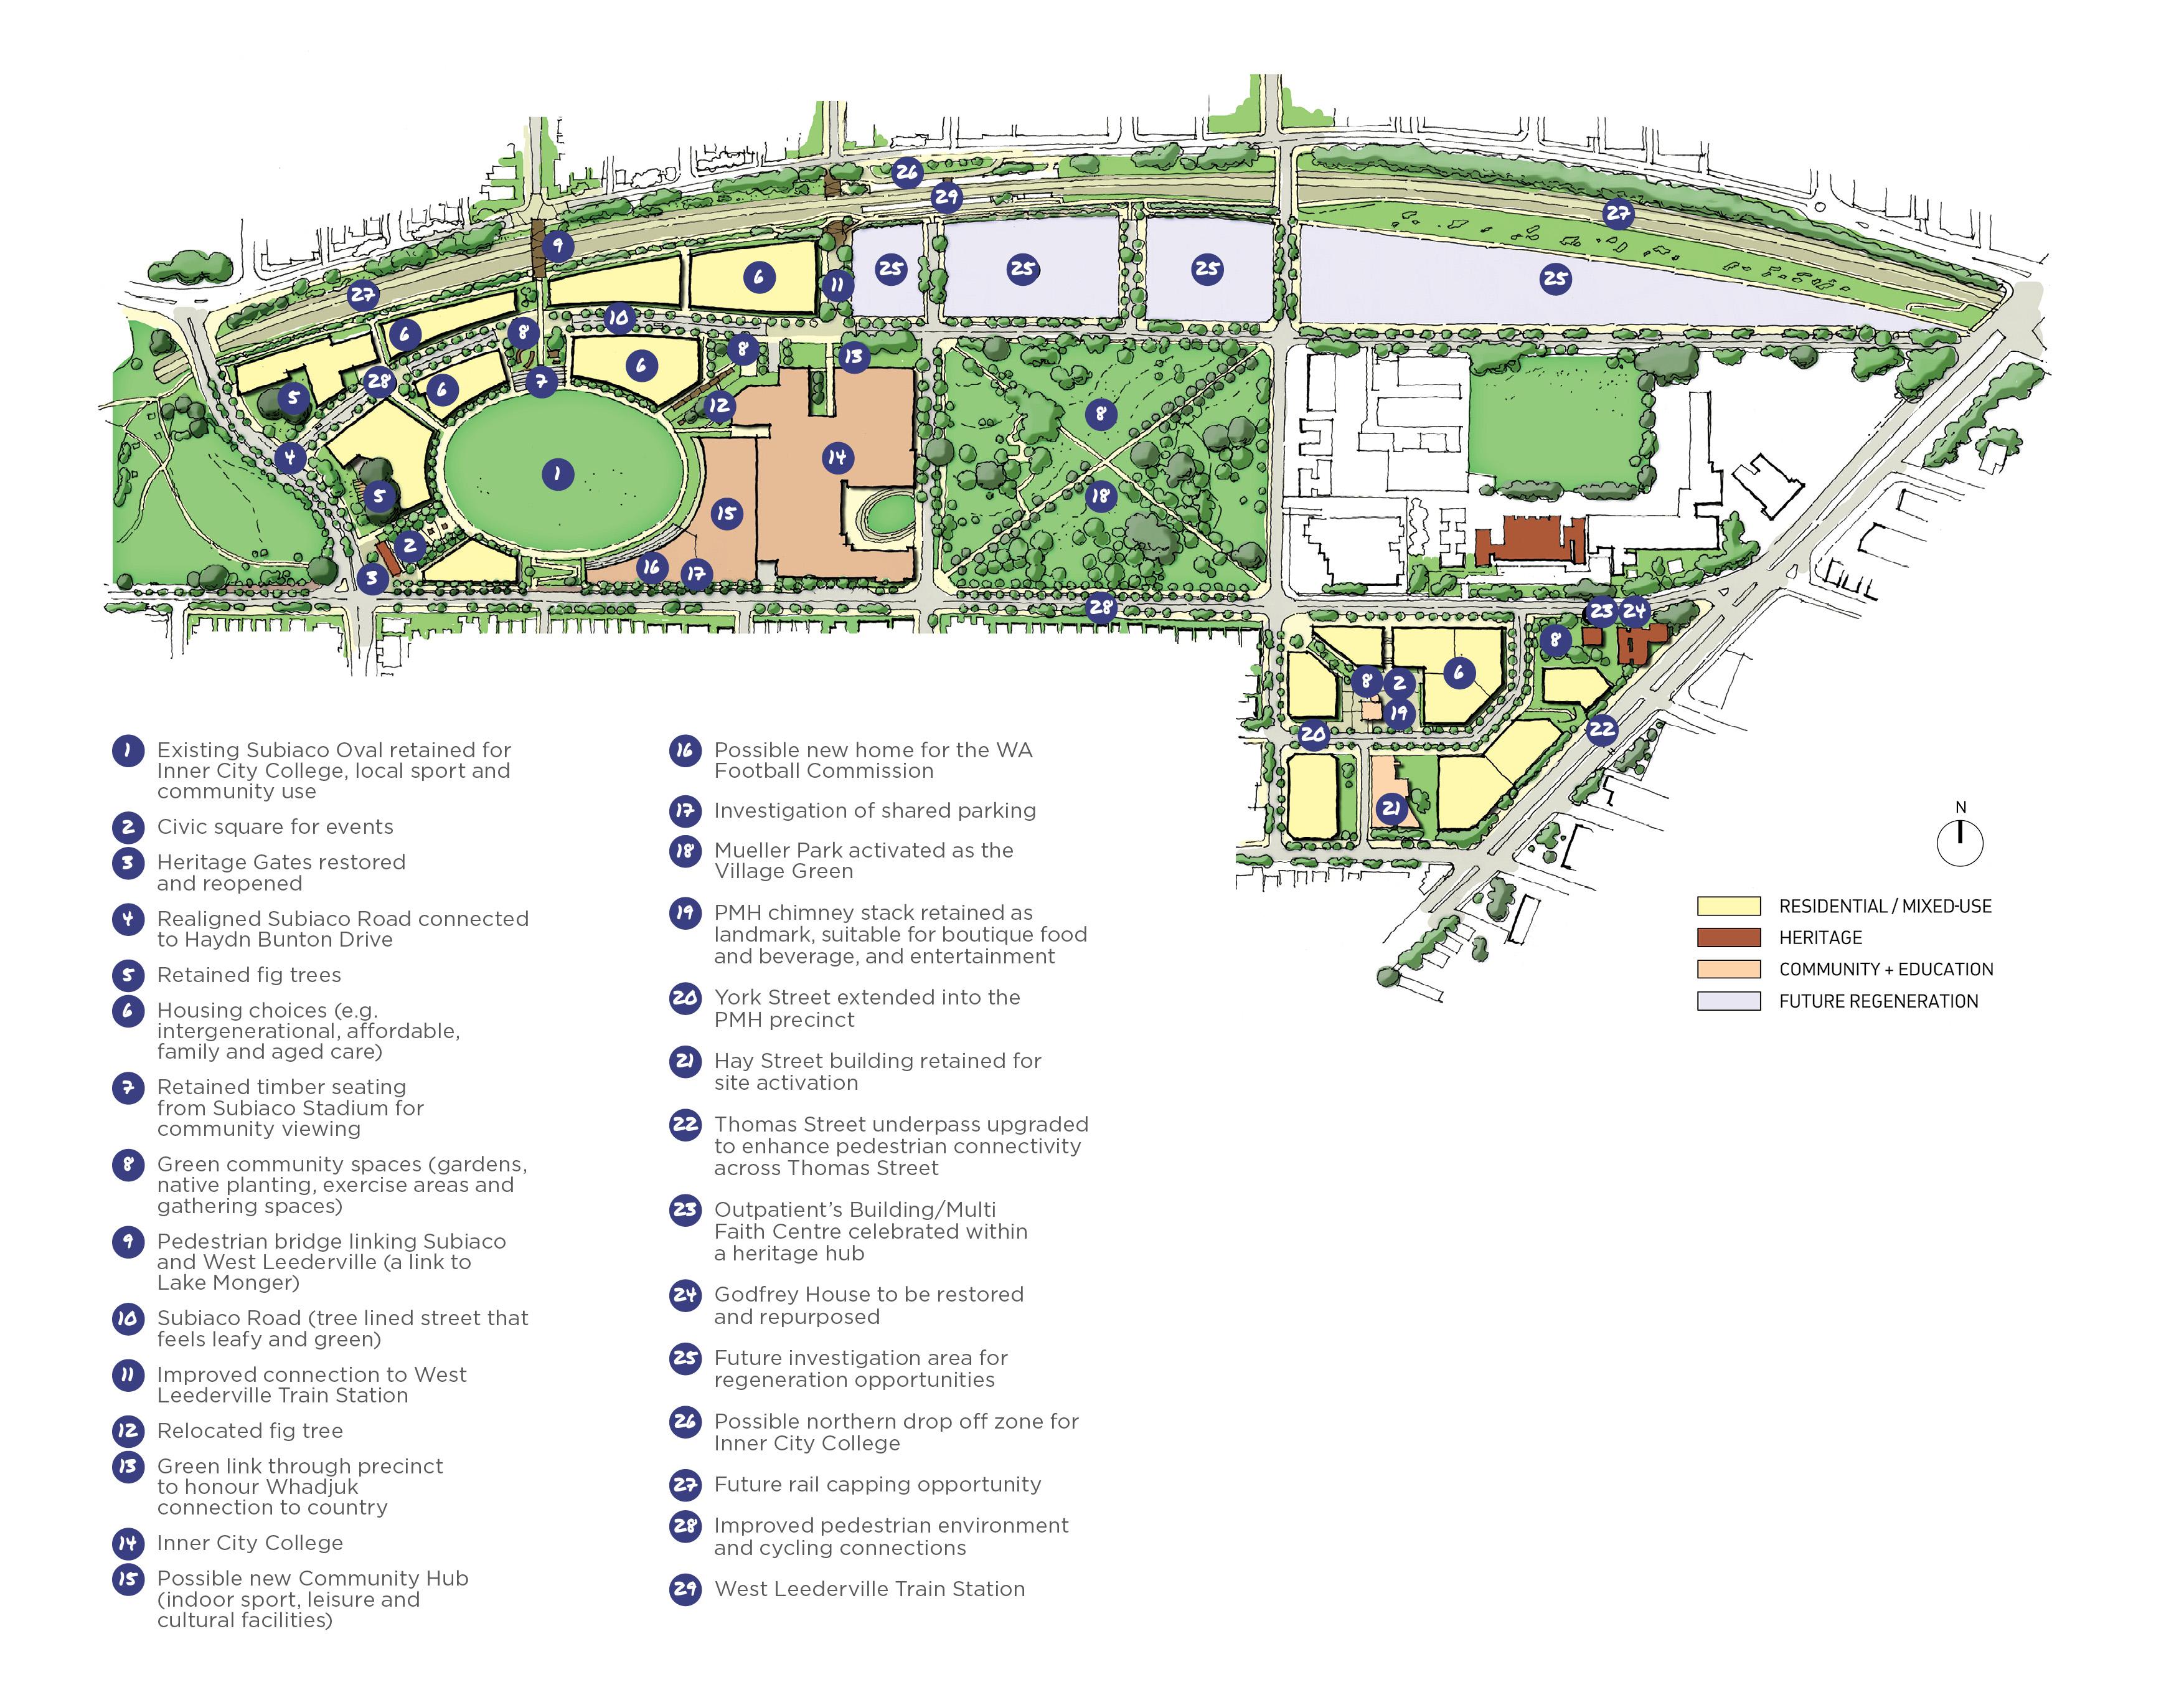 Subi East Concept Vision